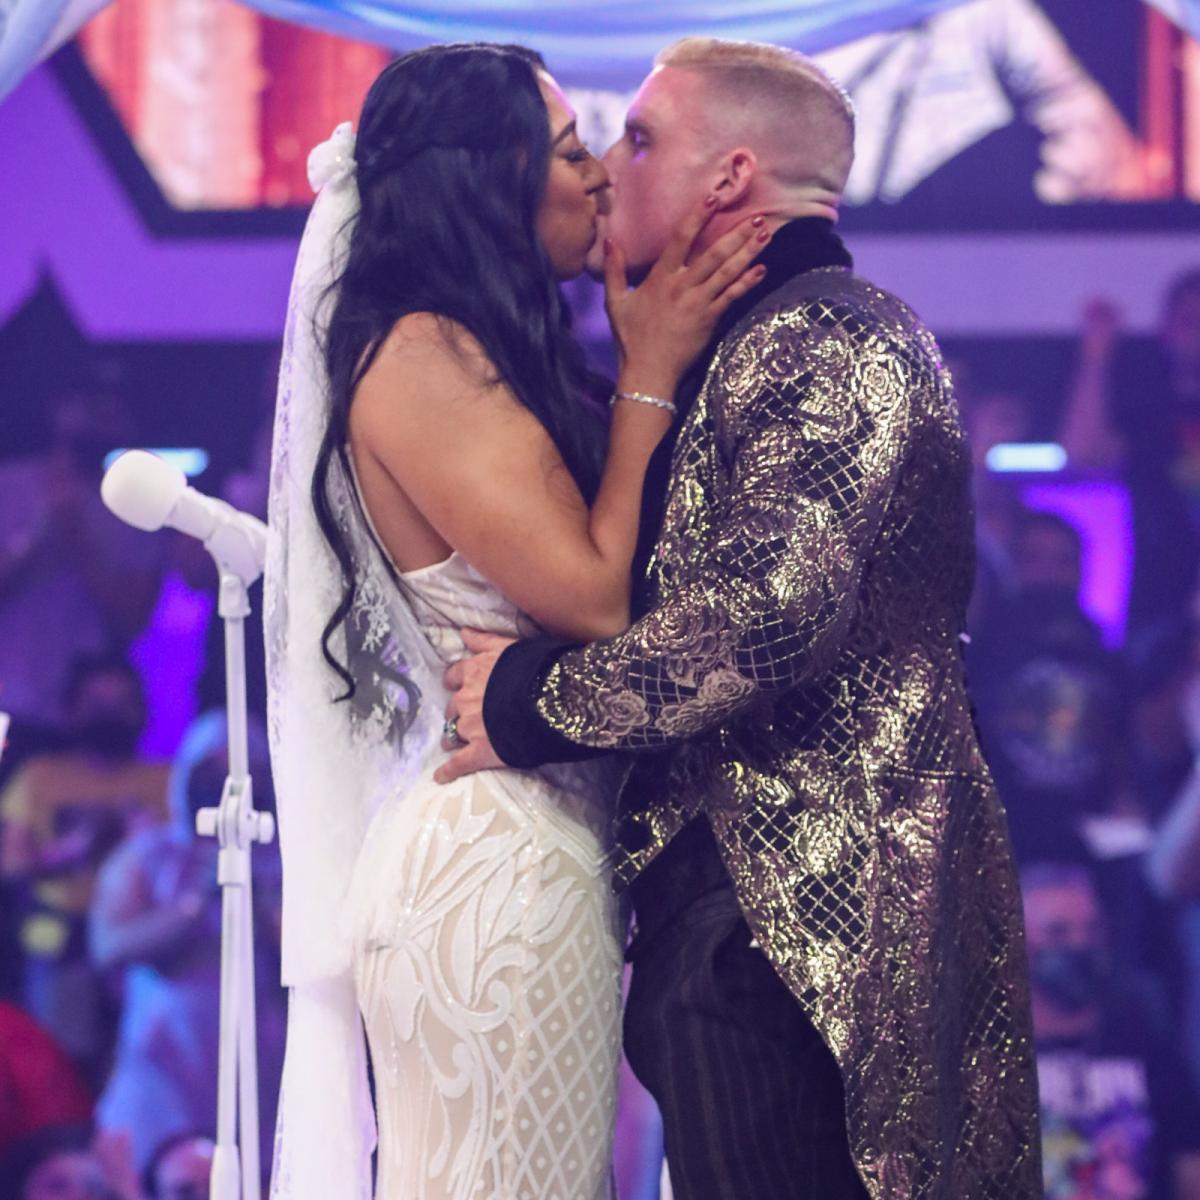 皆に祝福される中で2人が誓いのキス (c)2021 WWE, Inc. All Rights Reserved